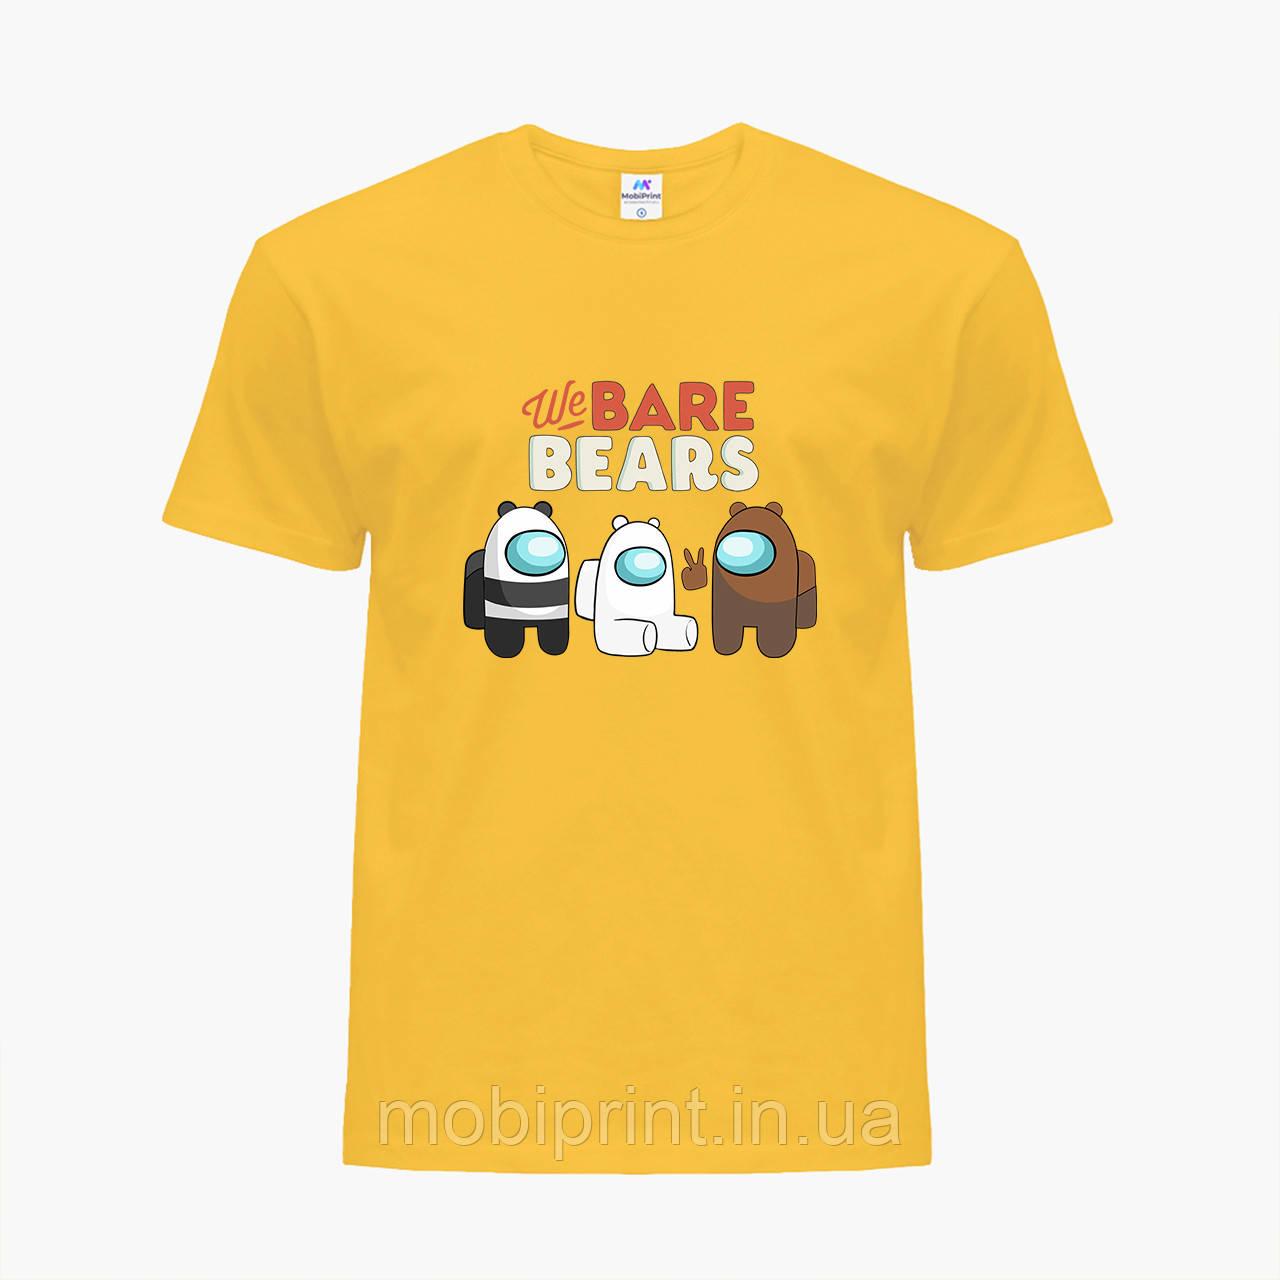 Детская футболка для мальчиков Вся правда о медведях (We Bare Bears) (25186-2668-SY) Желтый